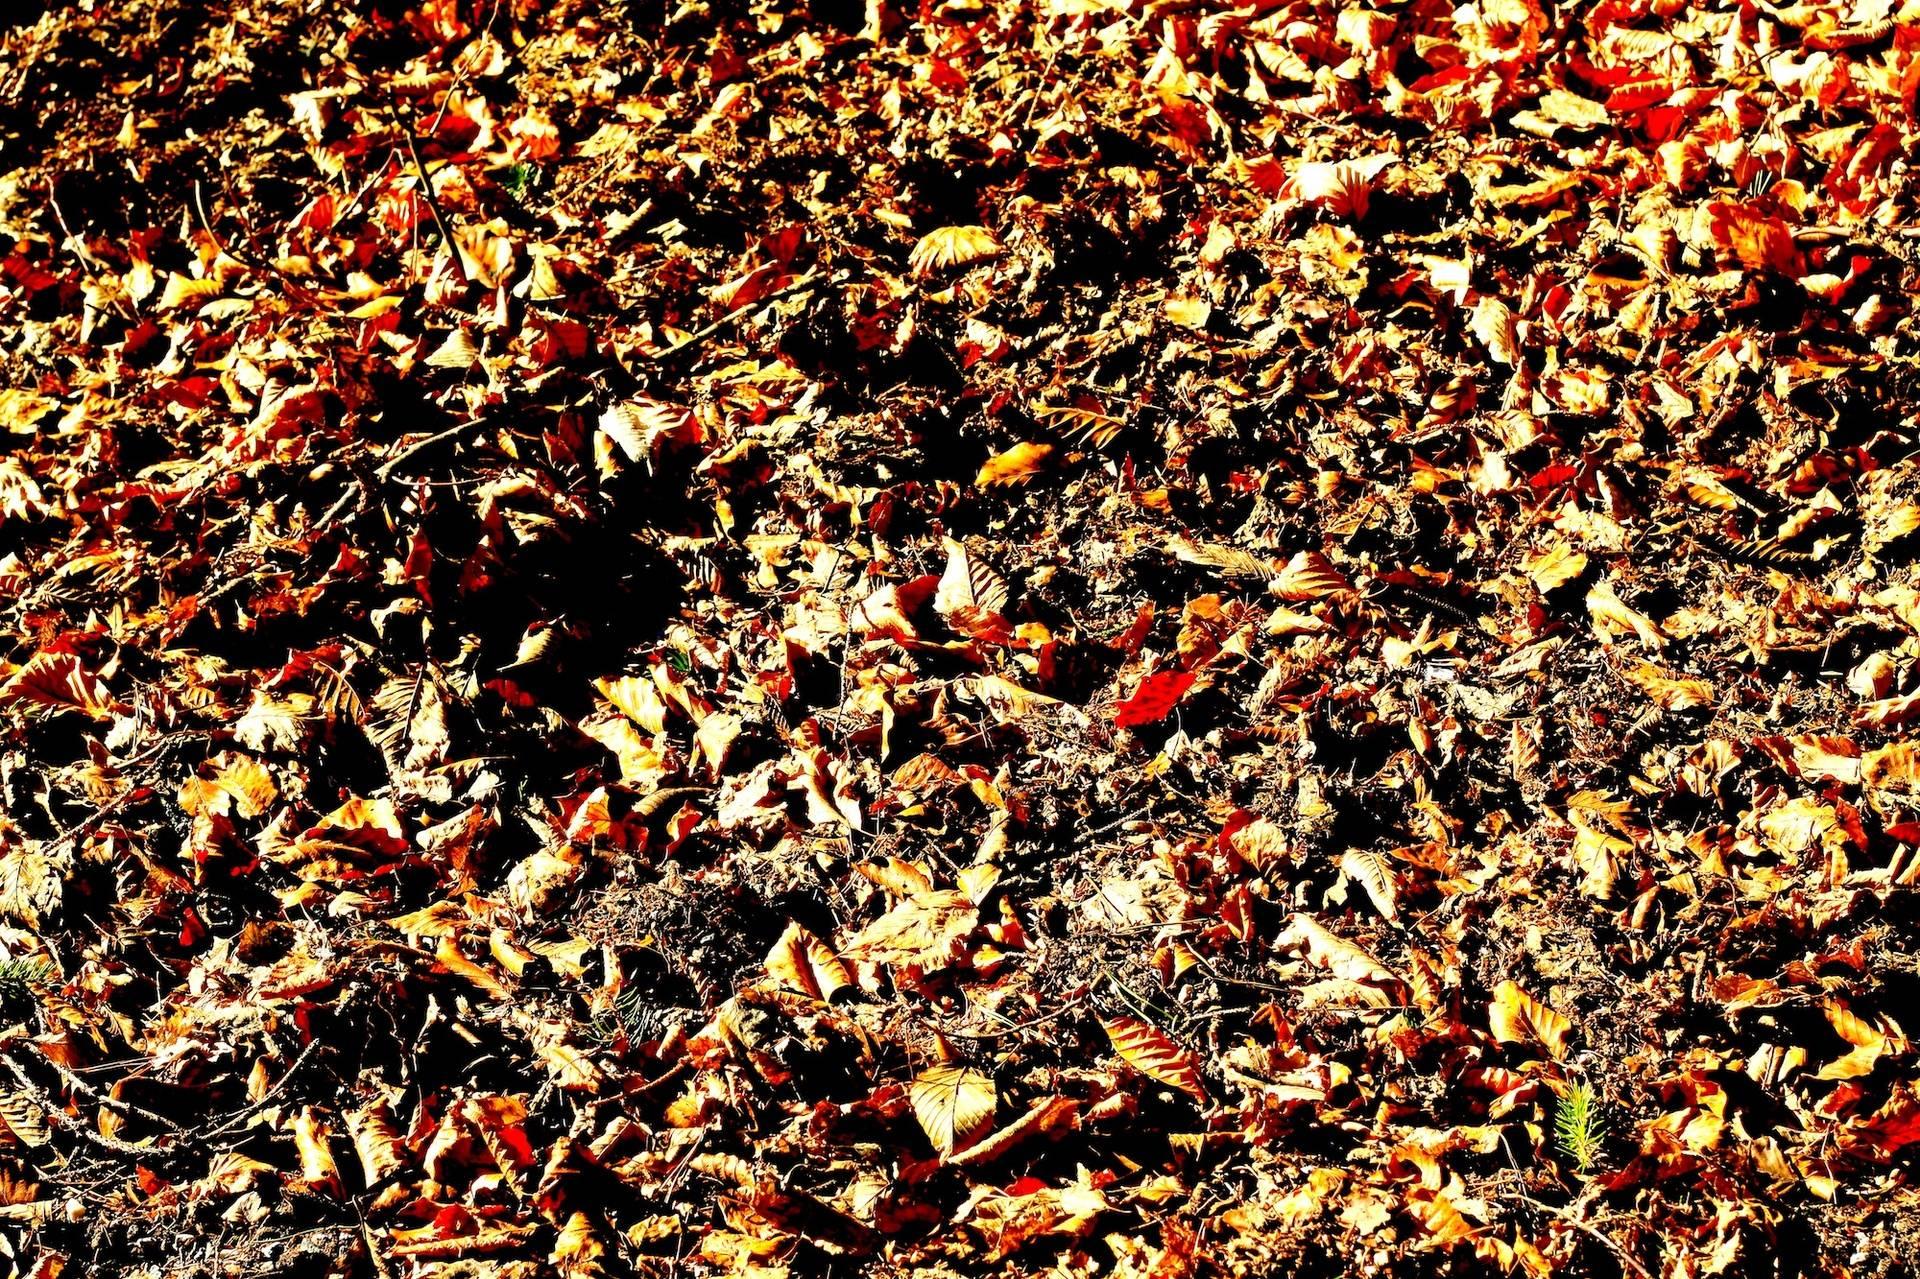 Autumn leaves - oooh